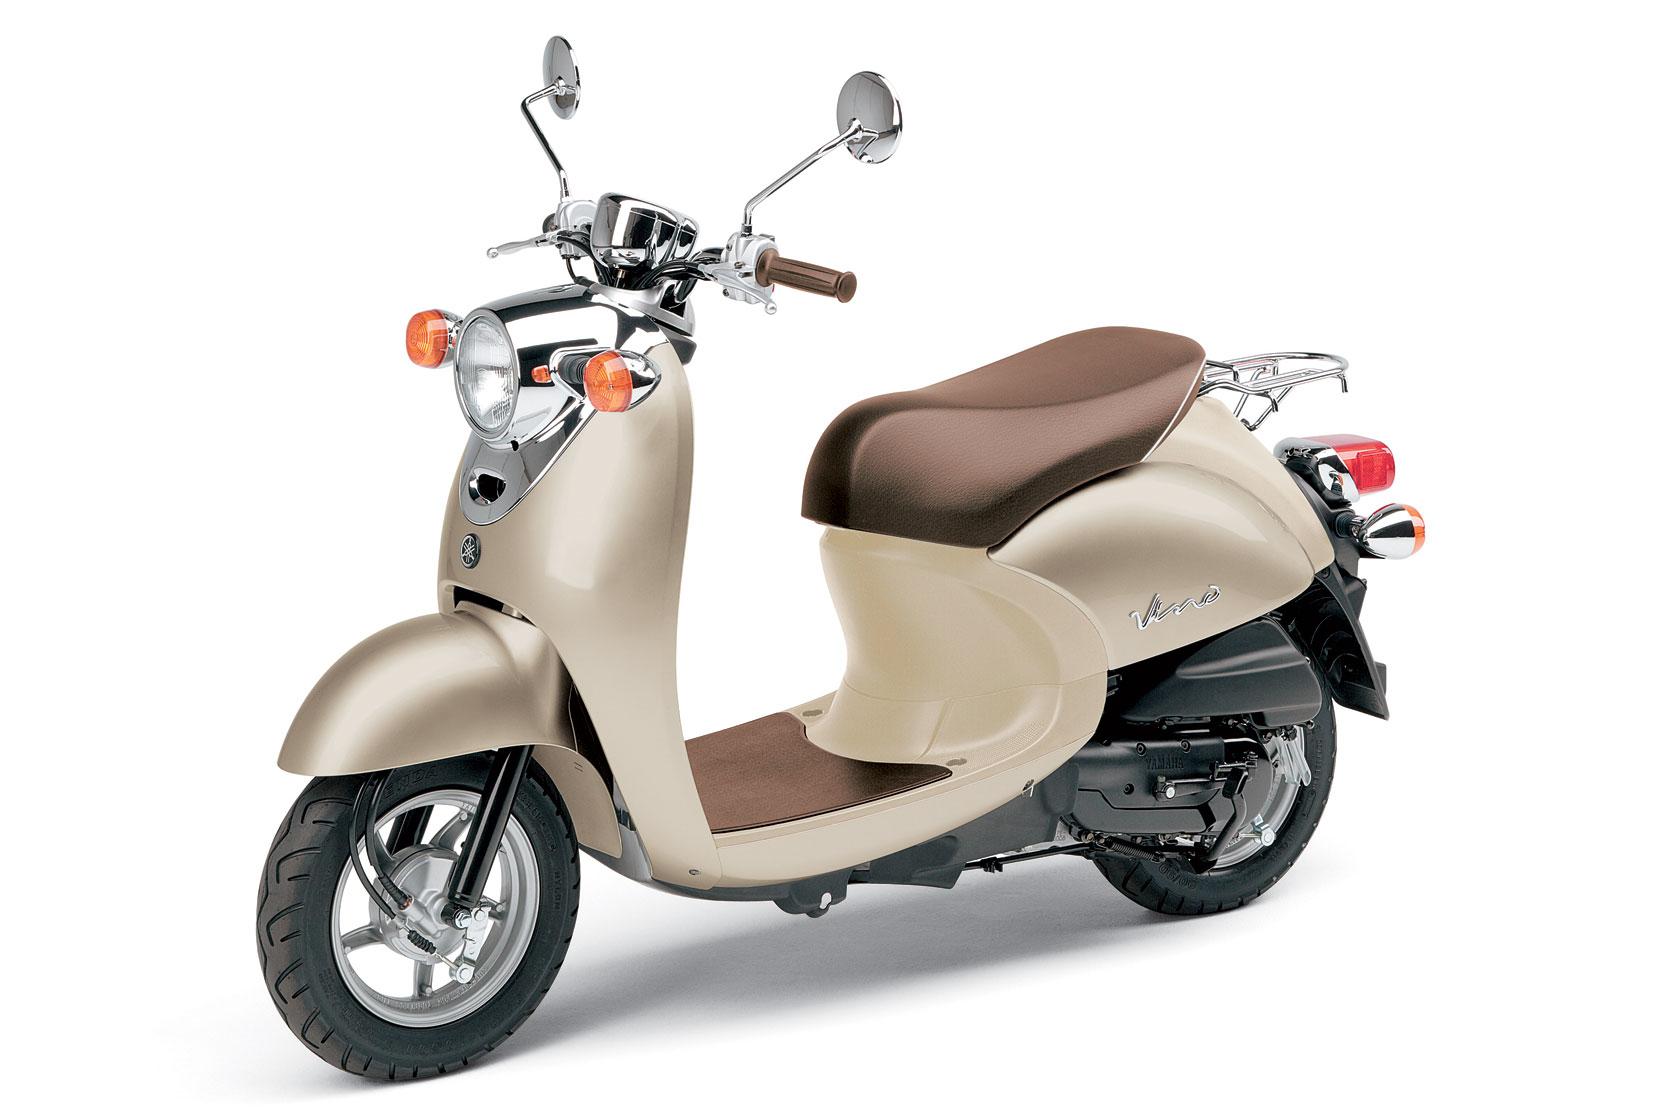 Yamaha Vino Price Philippines